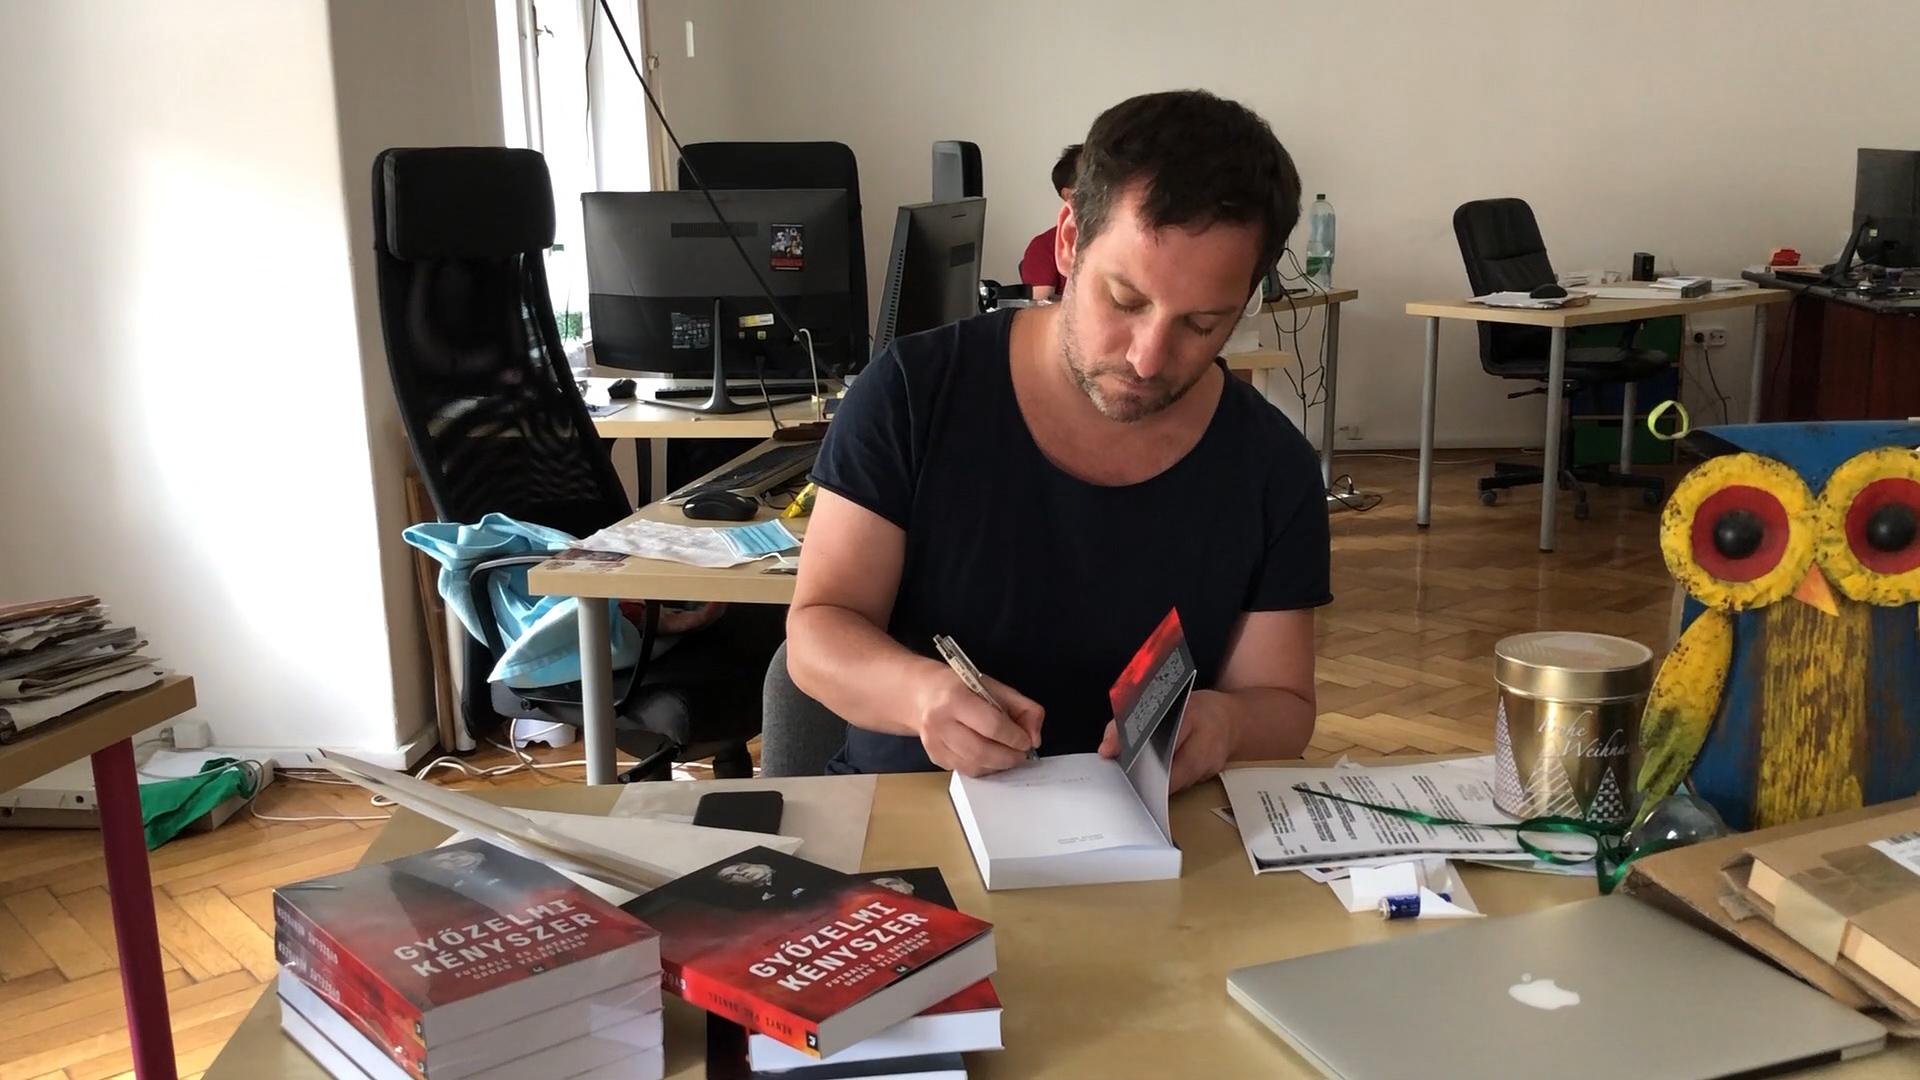 Orbánék is kértek egy példányt a 444 új könyvéből